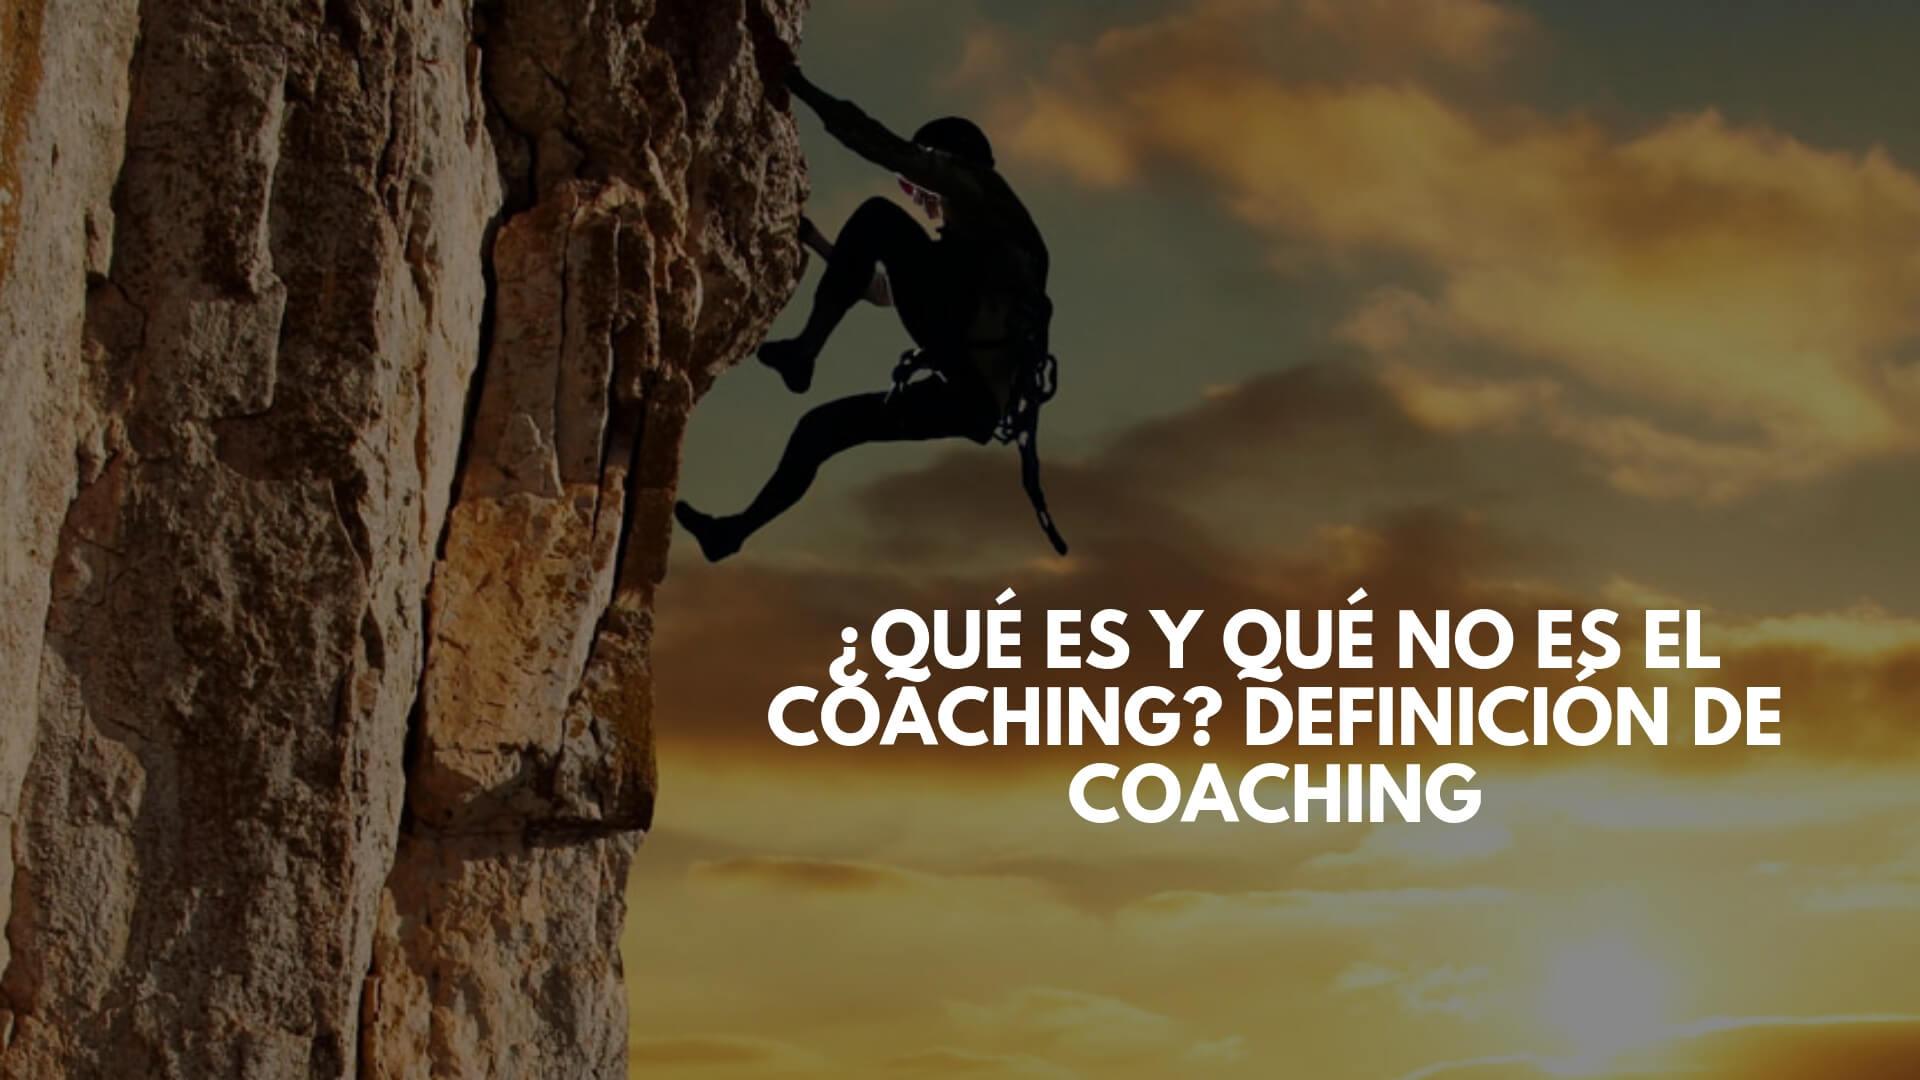 ¿Qué es y qué no es el coaching_ Definición de coaching